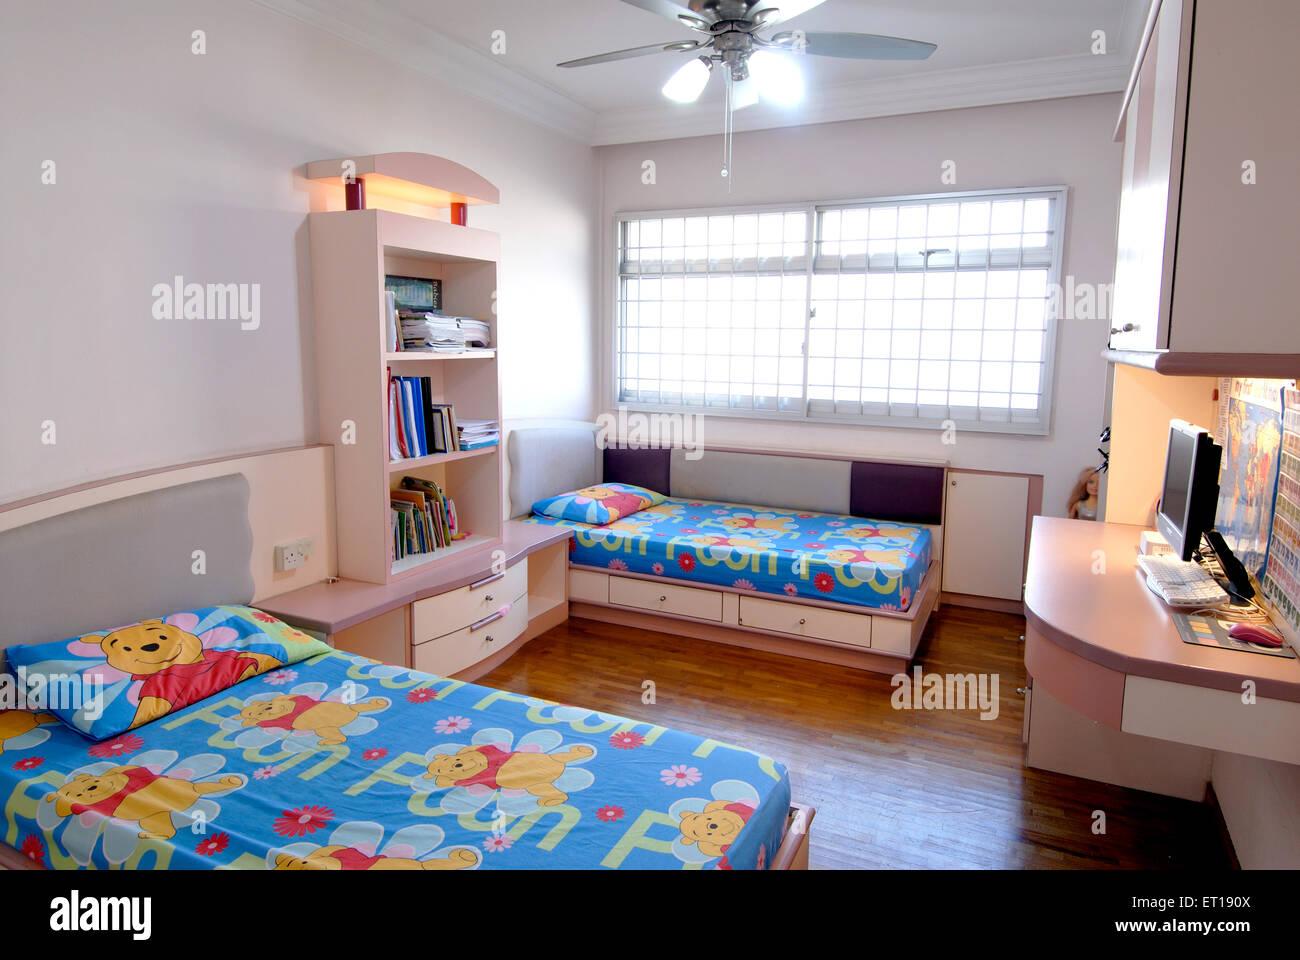 Bambini Camera da letto letto interni tabella nella finestra computer - pr#364 - 167093 rmm Immagini Stock